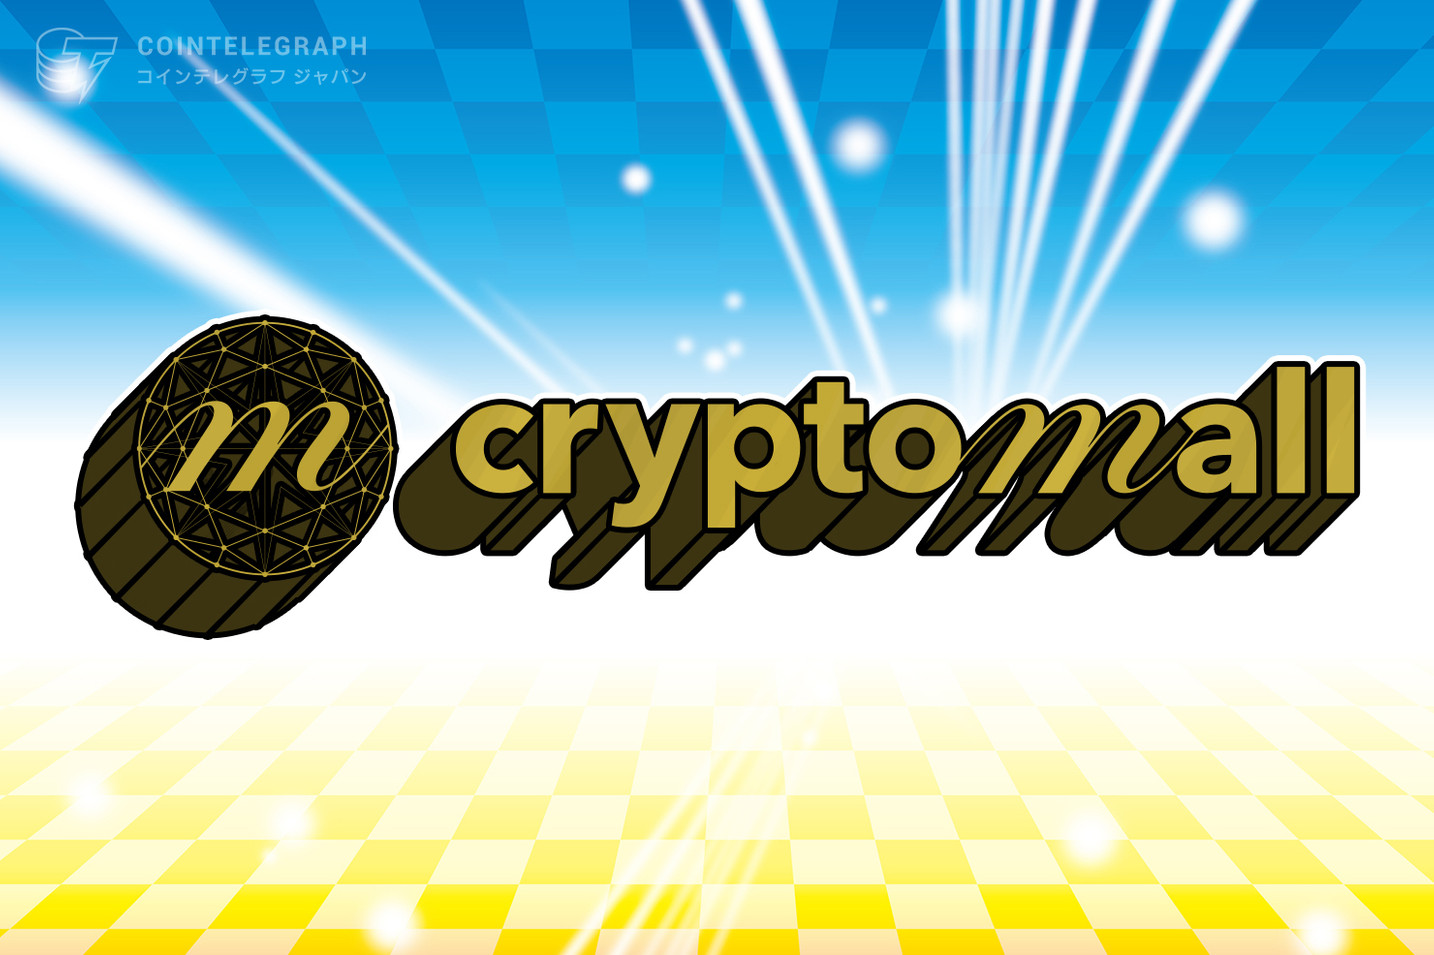 【世界特許】「cryptomall ou(クリプトモール オーユー)」は高級ブランド品や車のパーツなどさまざまな真贋証明に特化した「鑑定証明システム(R)」を開発|US・EPO世界特許出願